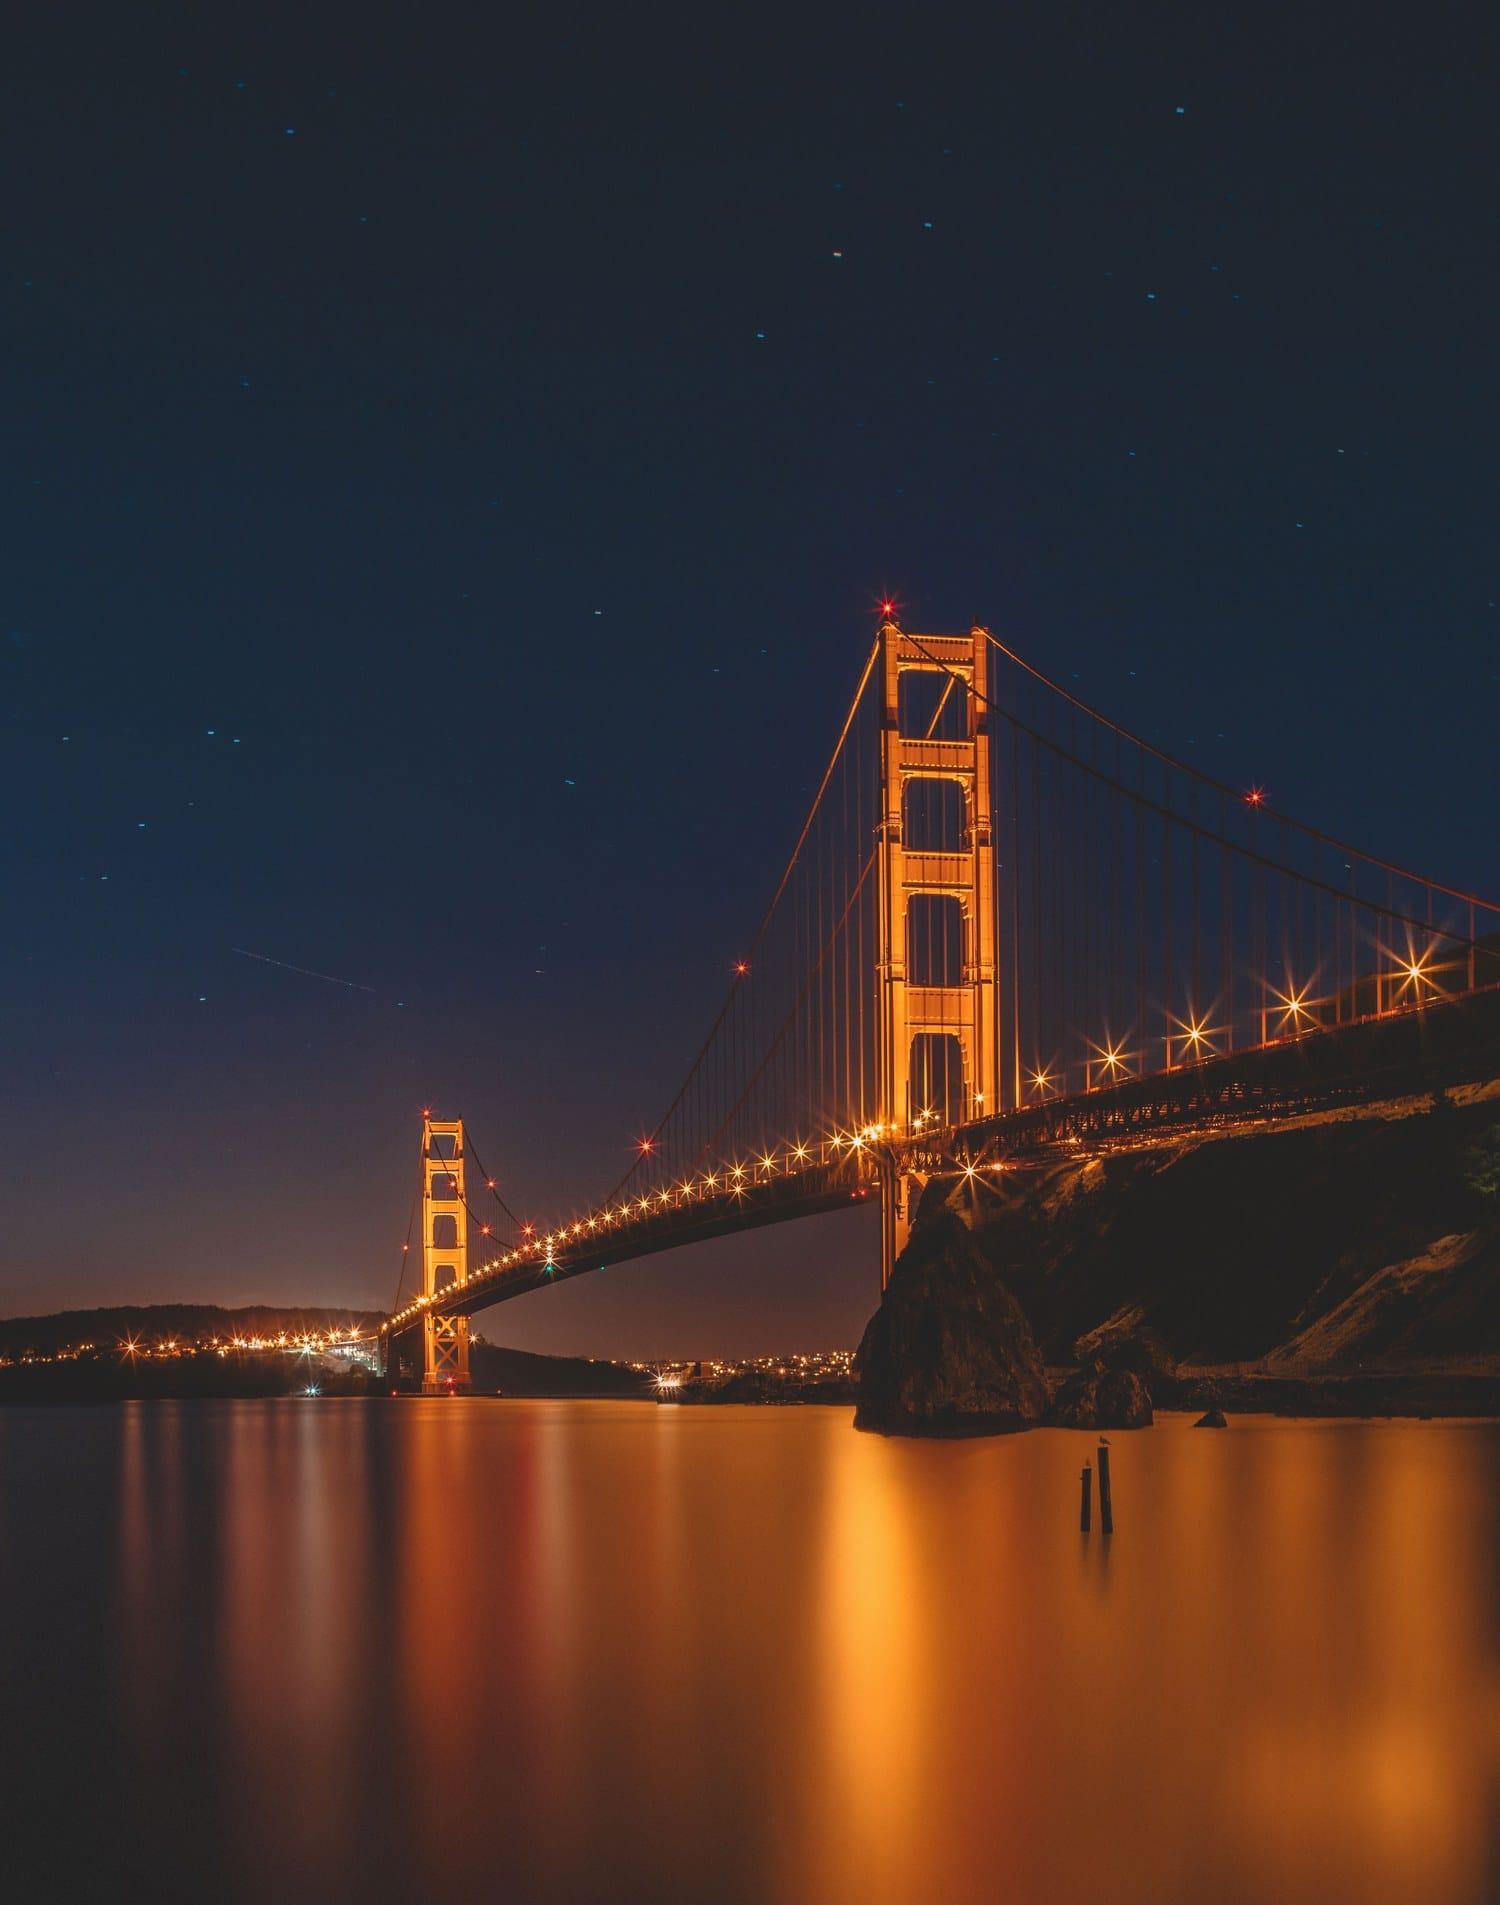 Puente iluminado por la noche en larga exposición